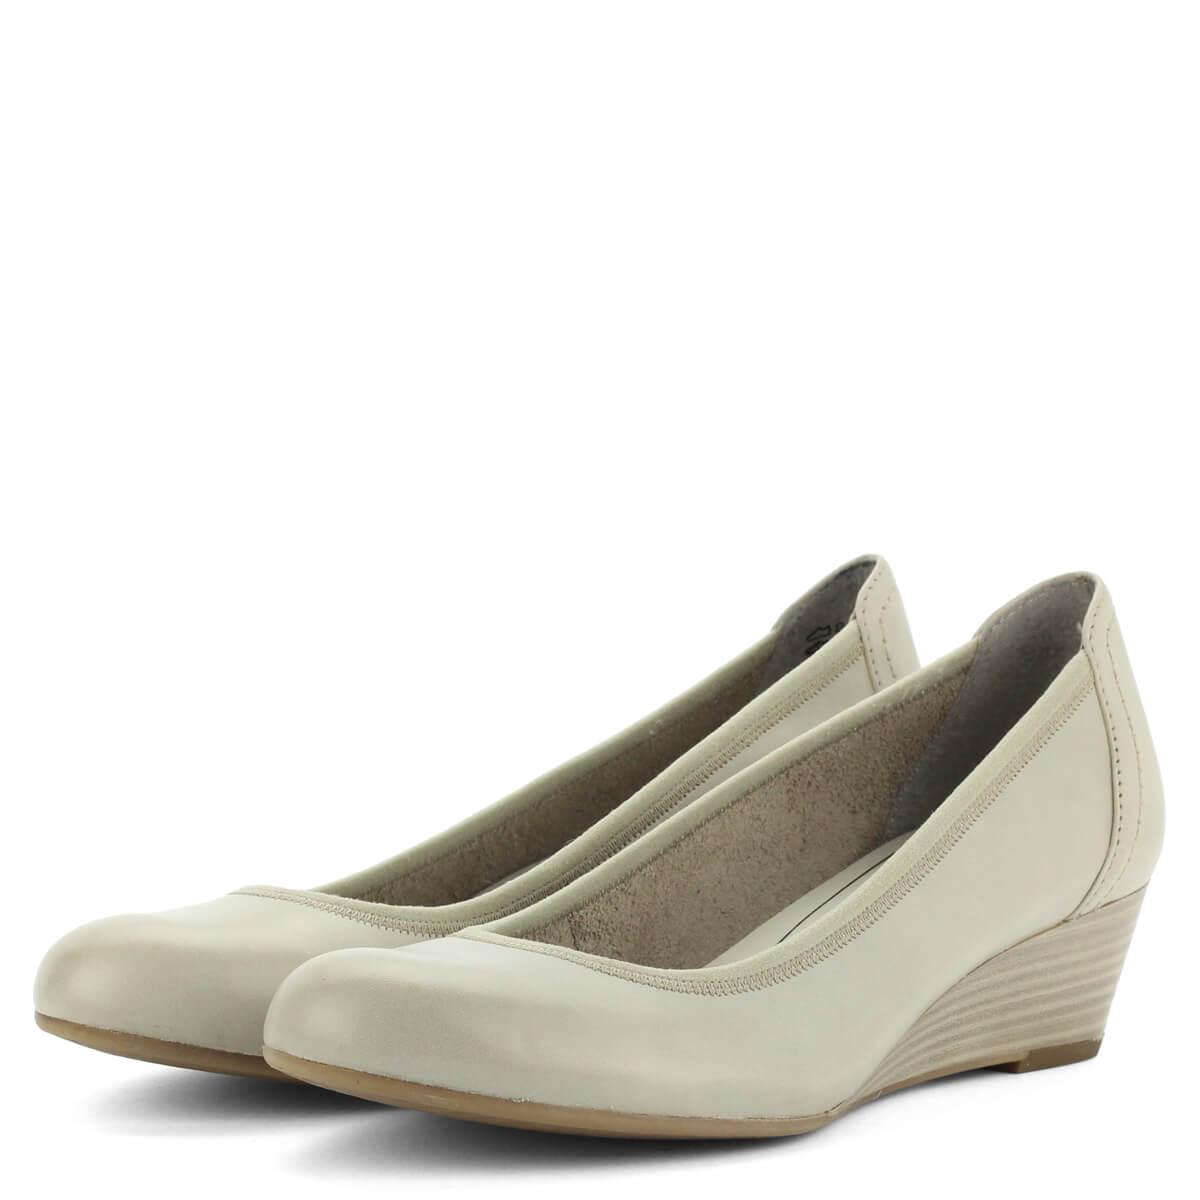 7551d5389ba1 Telitalpú Tamaris cipő bőr felsőrésszel, szürke színben. Sarka 4 cm magas